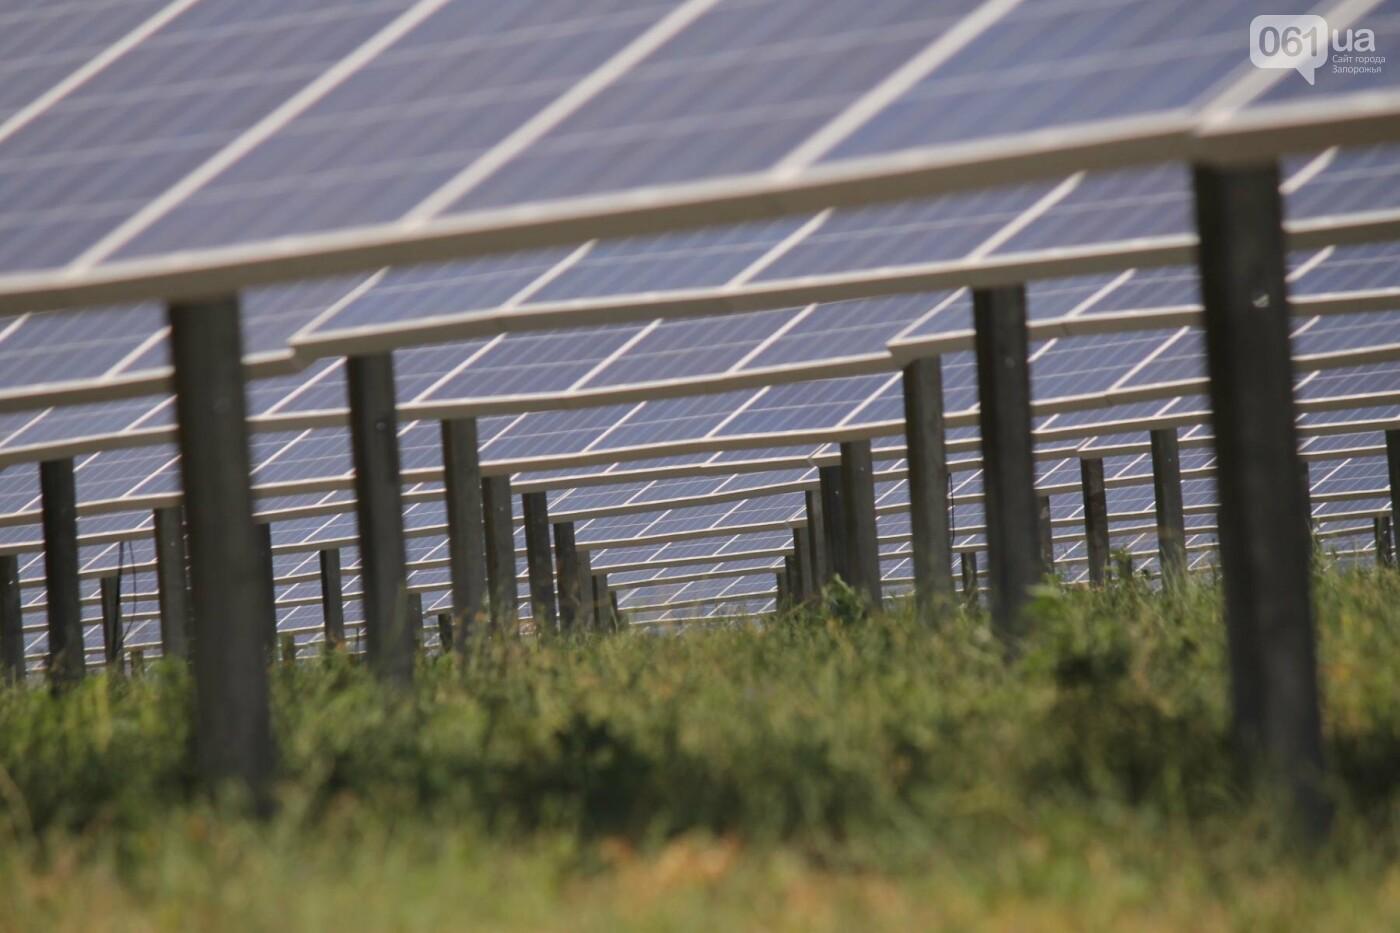 Как в Запорожской области работает крупнейшая в Украине солнечная станция: экскурсия на производство, — ФОТОРЕПОРТАЖ, фото-15